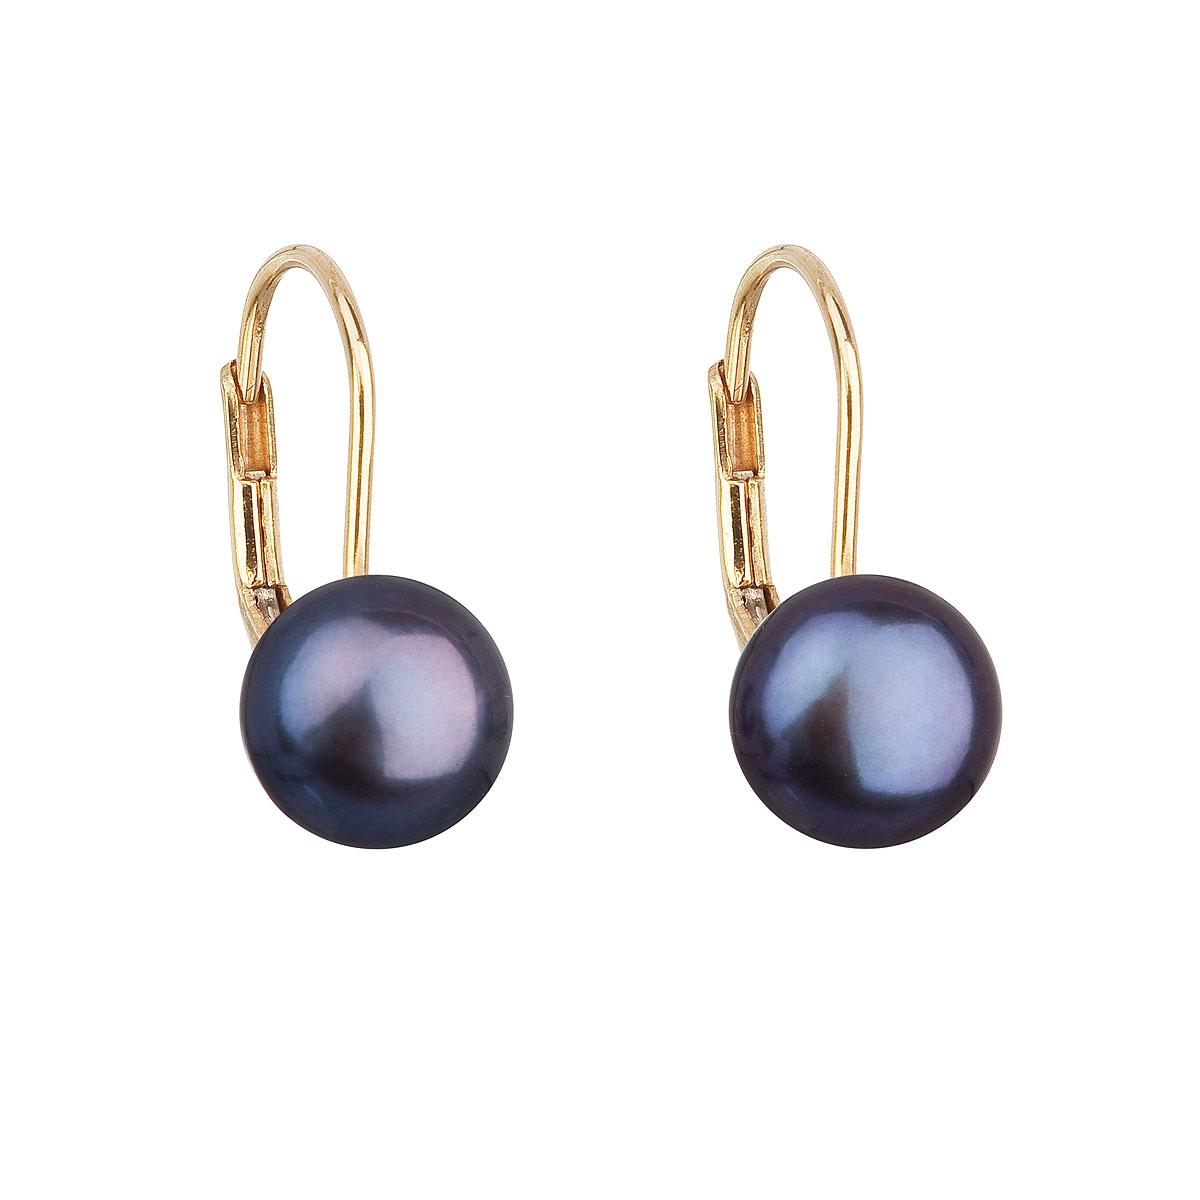 Zlaté 14ti karátové náušnice s modrou říční perlou EGZ002-DB